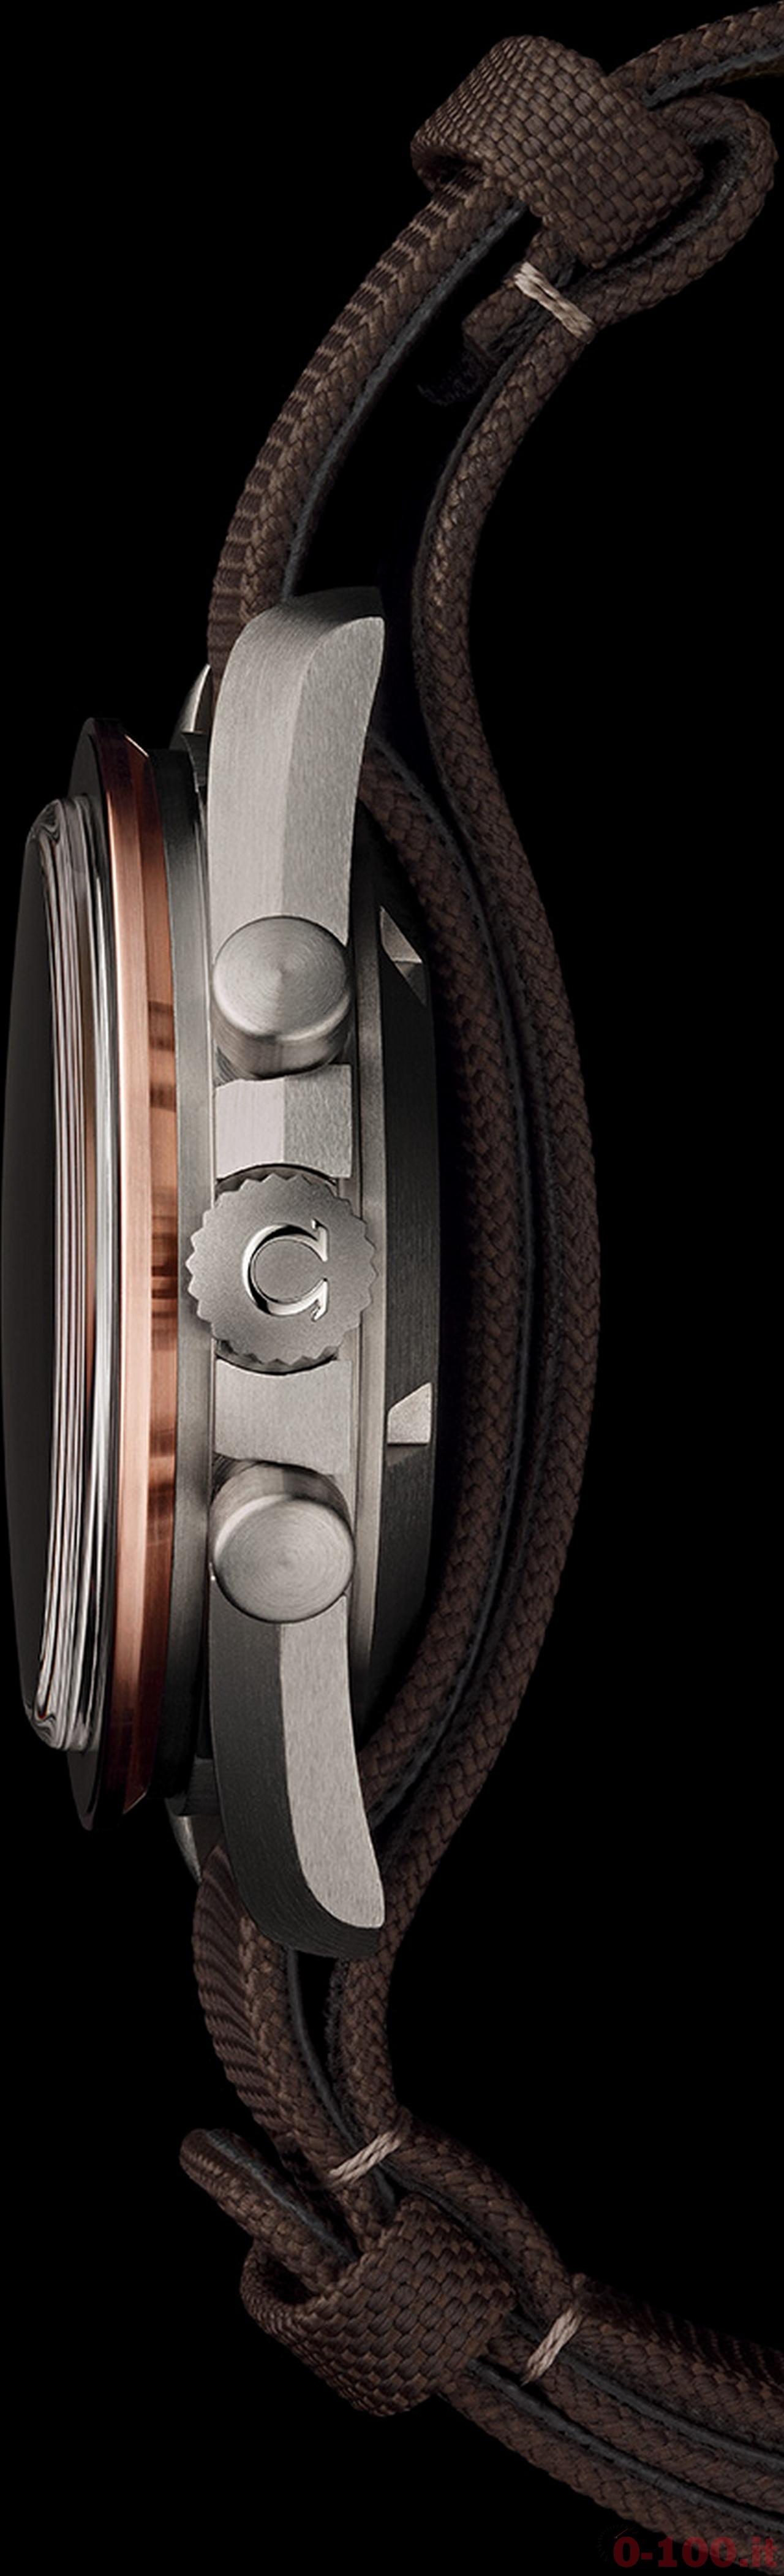 omega-speedmaster-professional-apollo-11-edizione-limitata-45-anniversario-prezzo-price-0-100_9